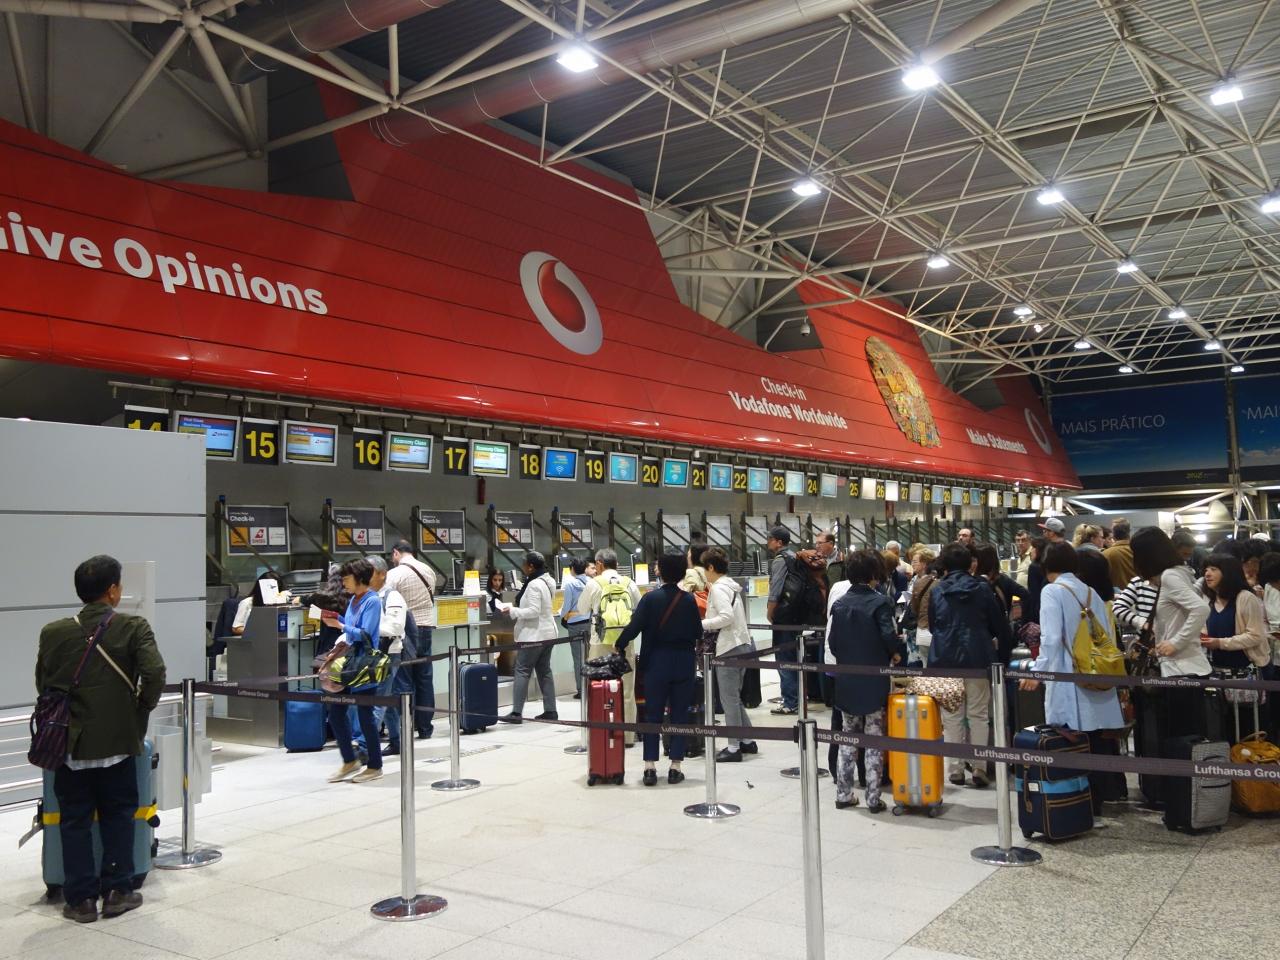 ポルテラ空港 (LIS)Lisbon Portela Airport